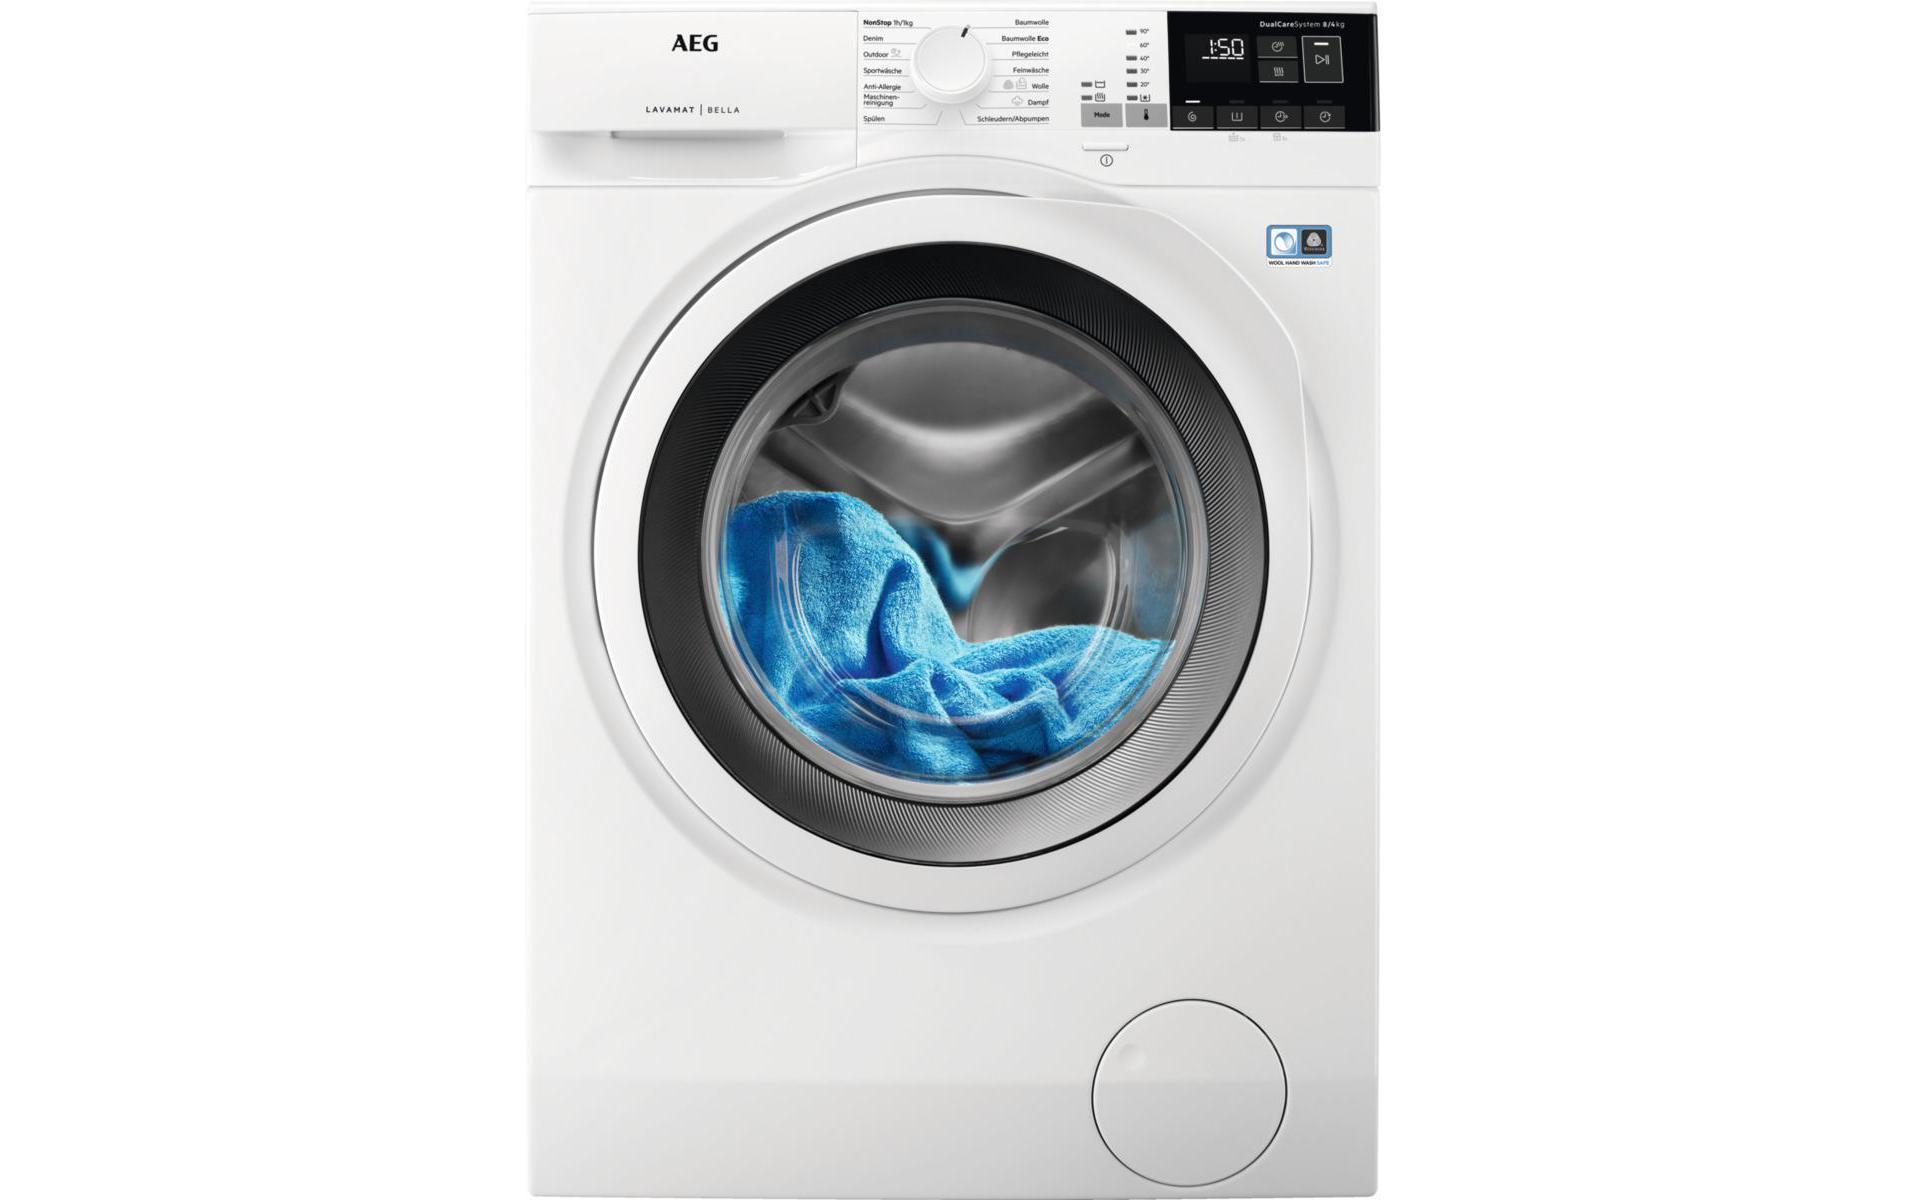 waschtrockner aeg lbwt auf rechnung kaufen quellech